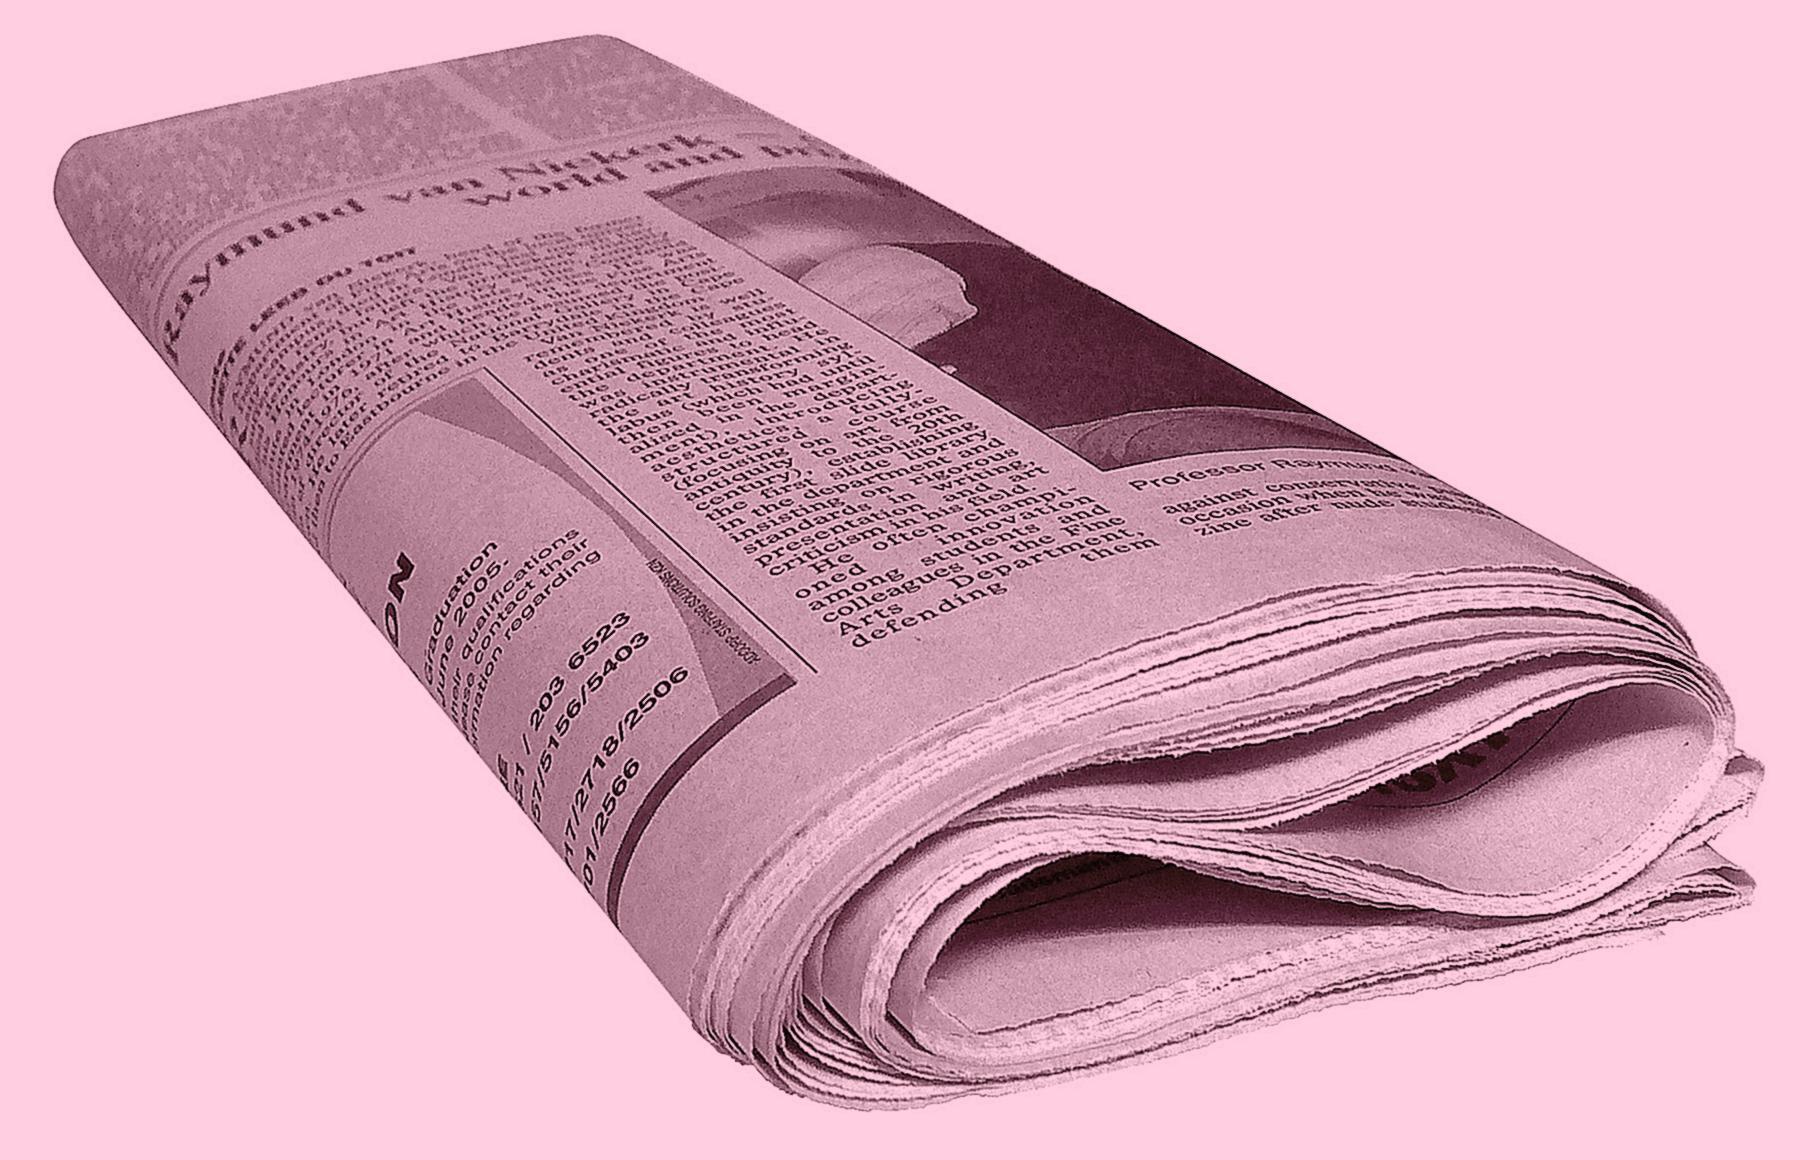 Artikel (Het Nieuwsblad, 11 mei 2019)